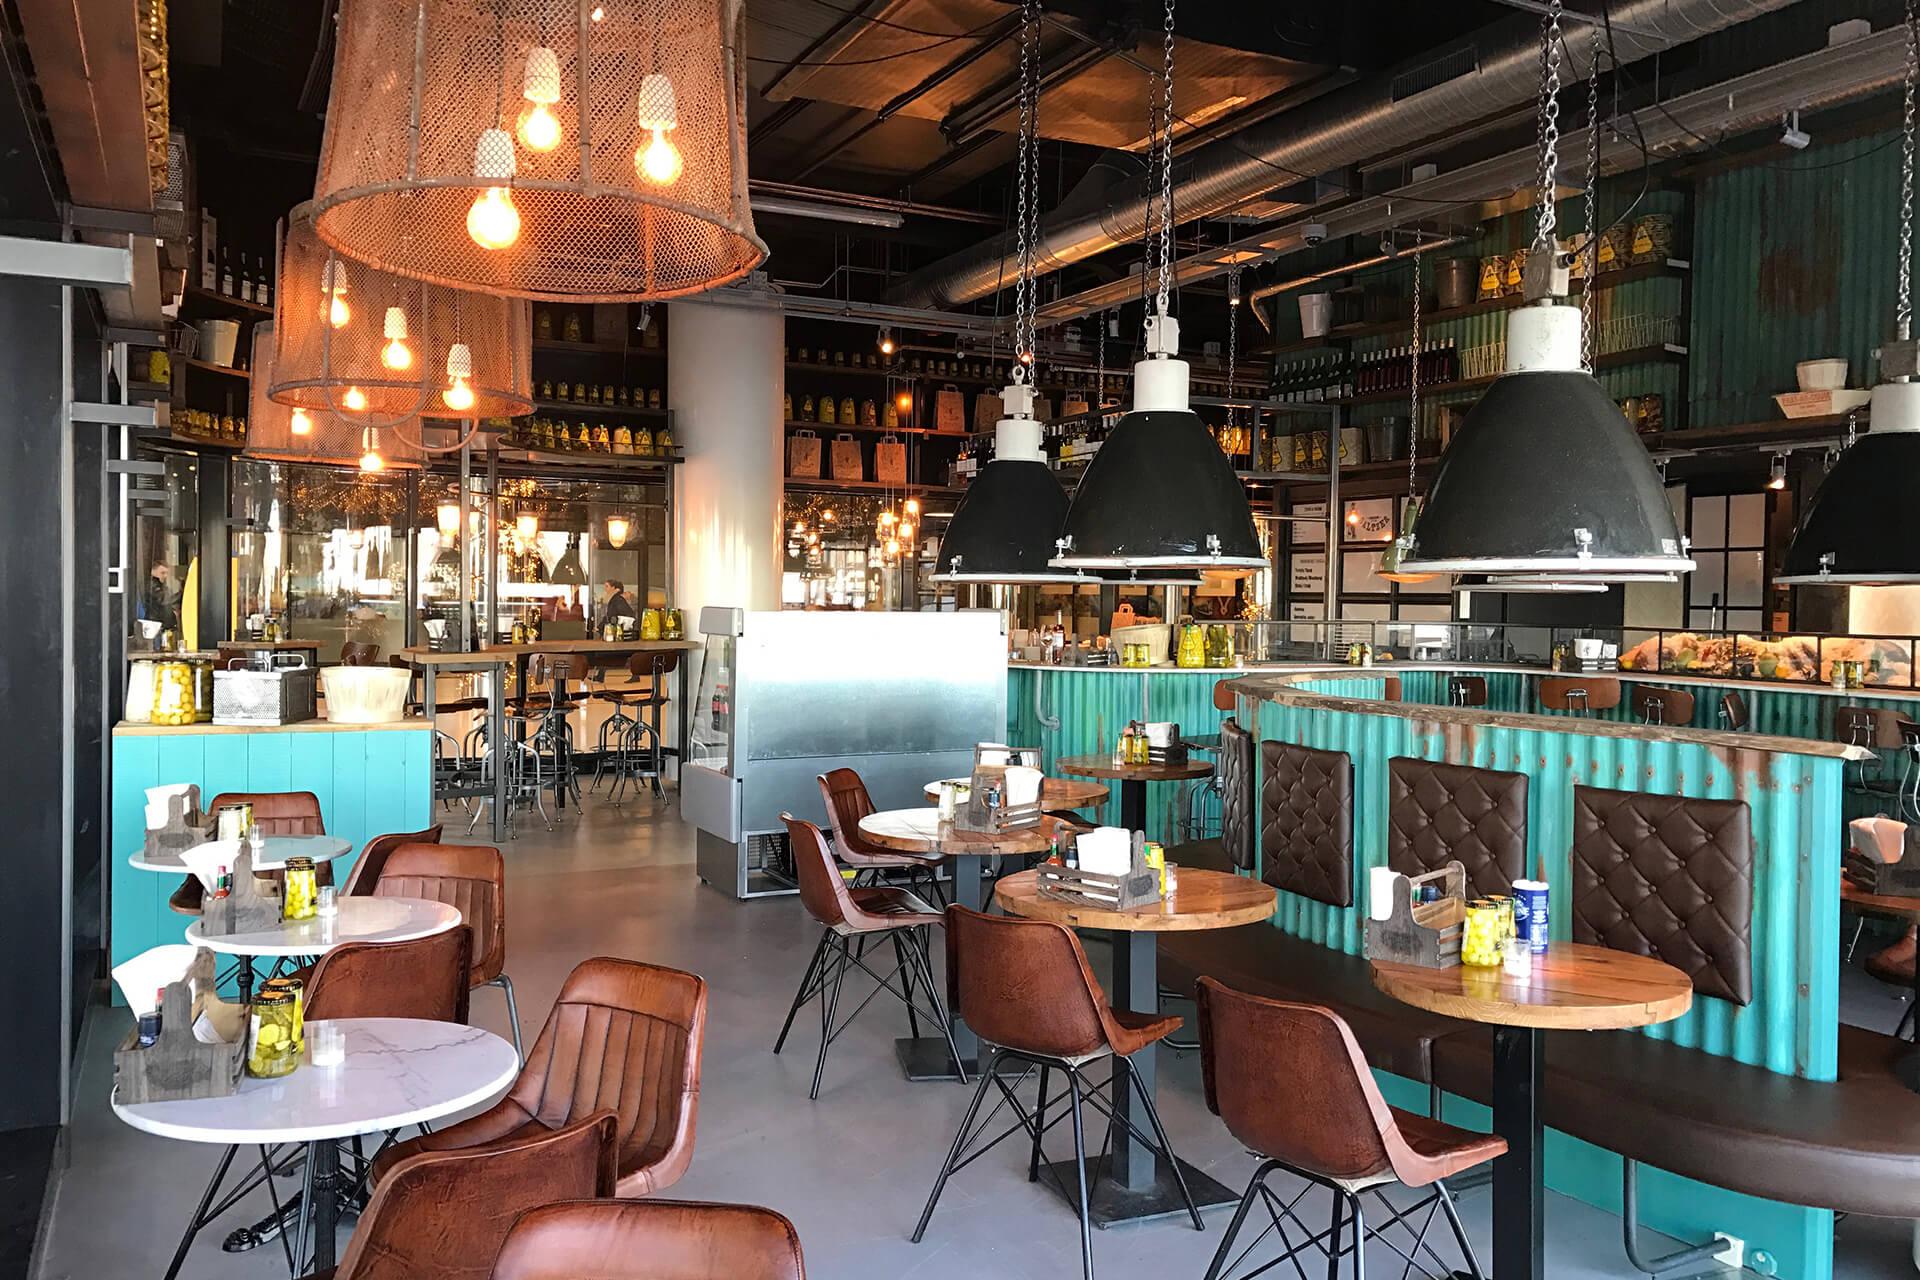 Restaurant Interieur Design.Fishbar Saltzer Amsterdam Cs Interieur Ontwerp Bar